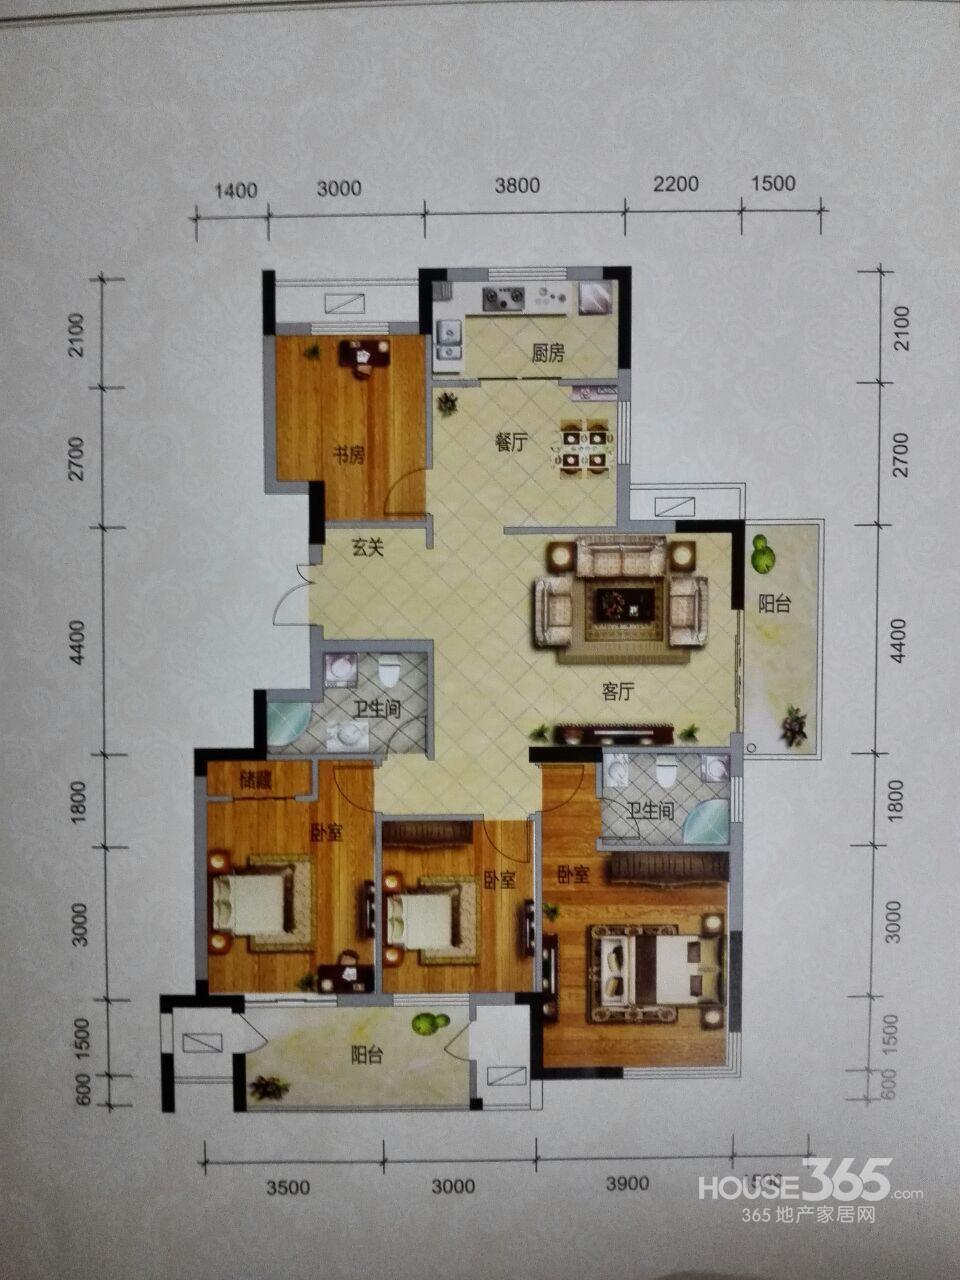 我是房东笕桥横塘景苑东边套5室2厅2卫1厨三房朝南156方